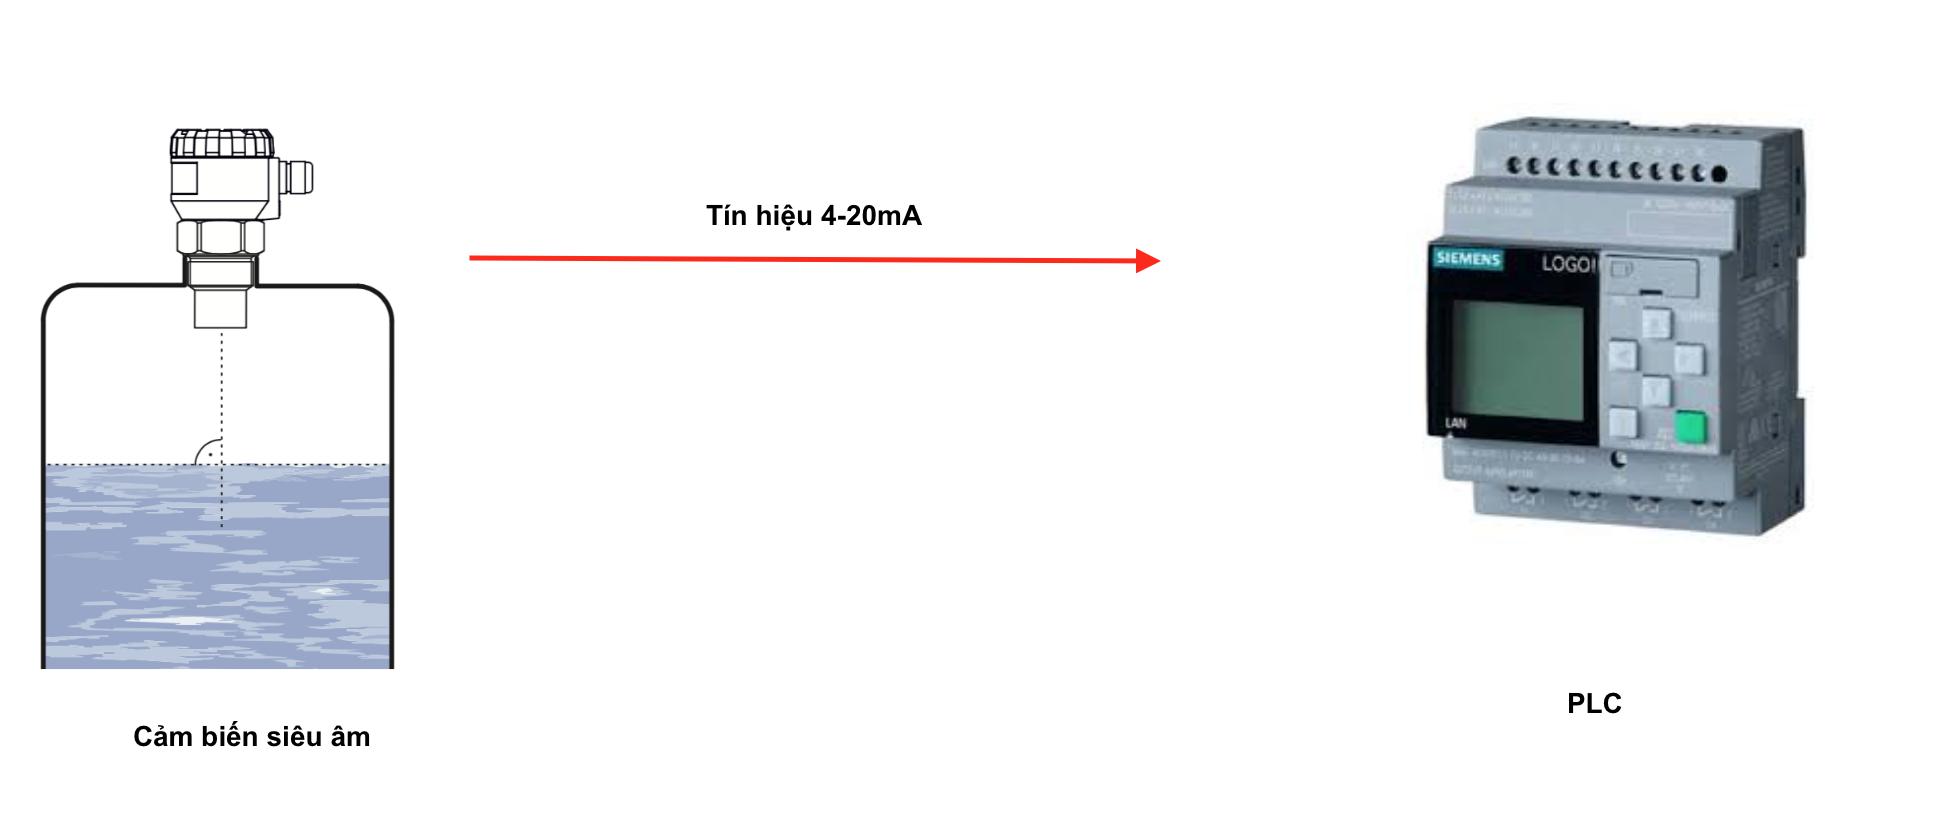 Ứng dụng điều khiển mức nước có dùng PLC